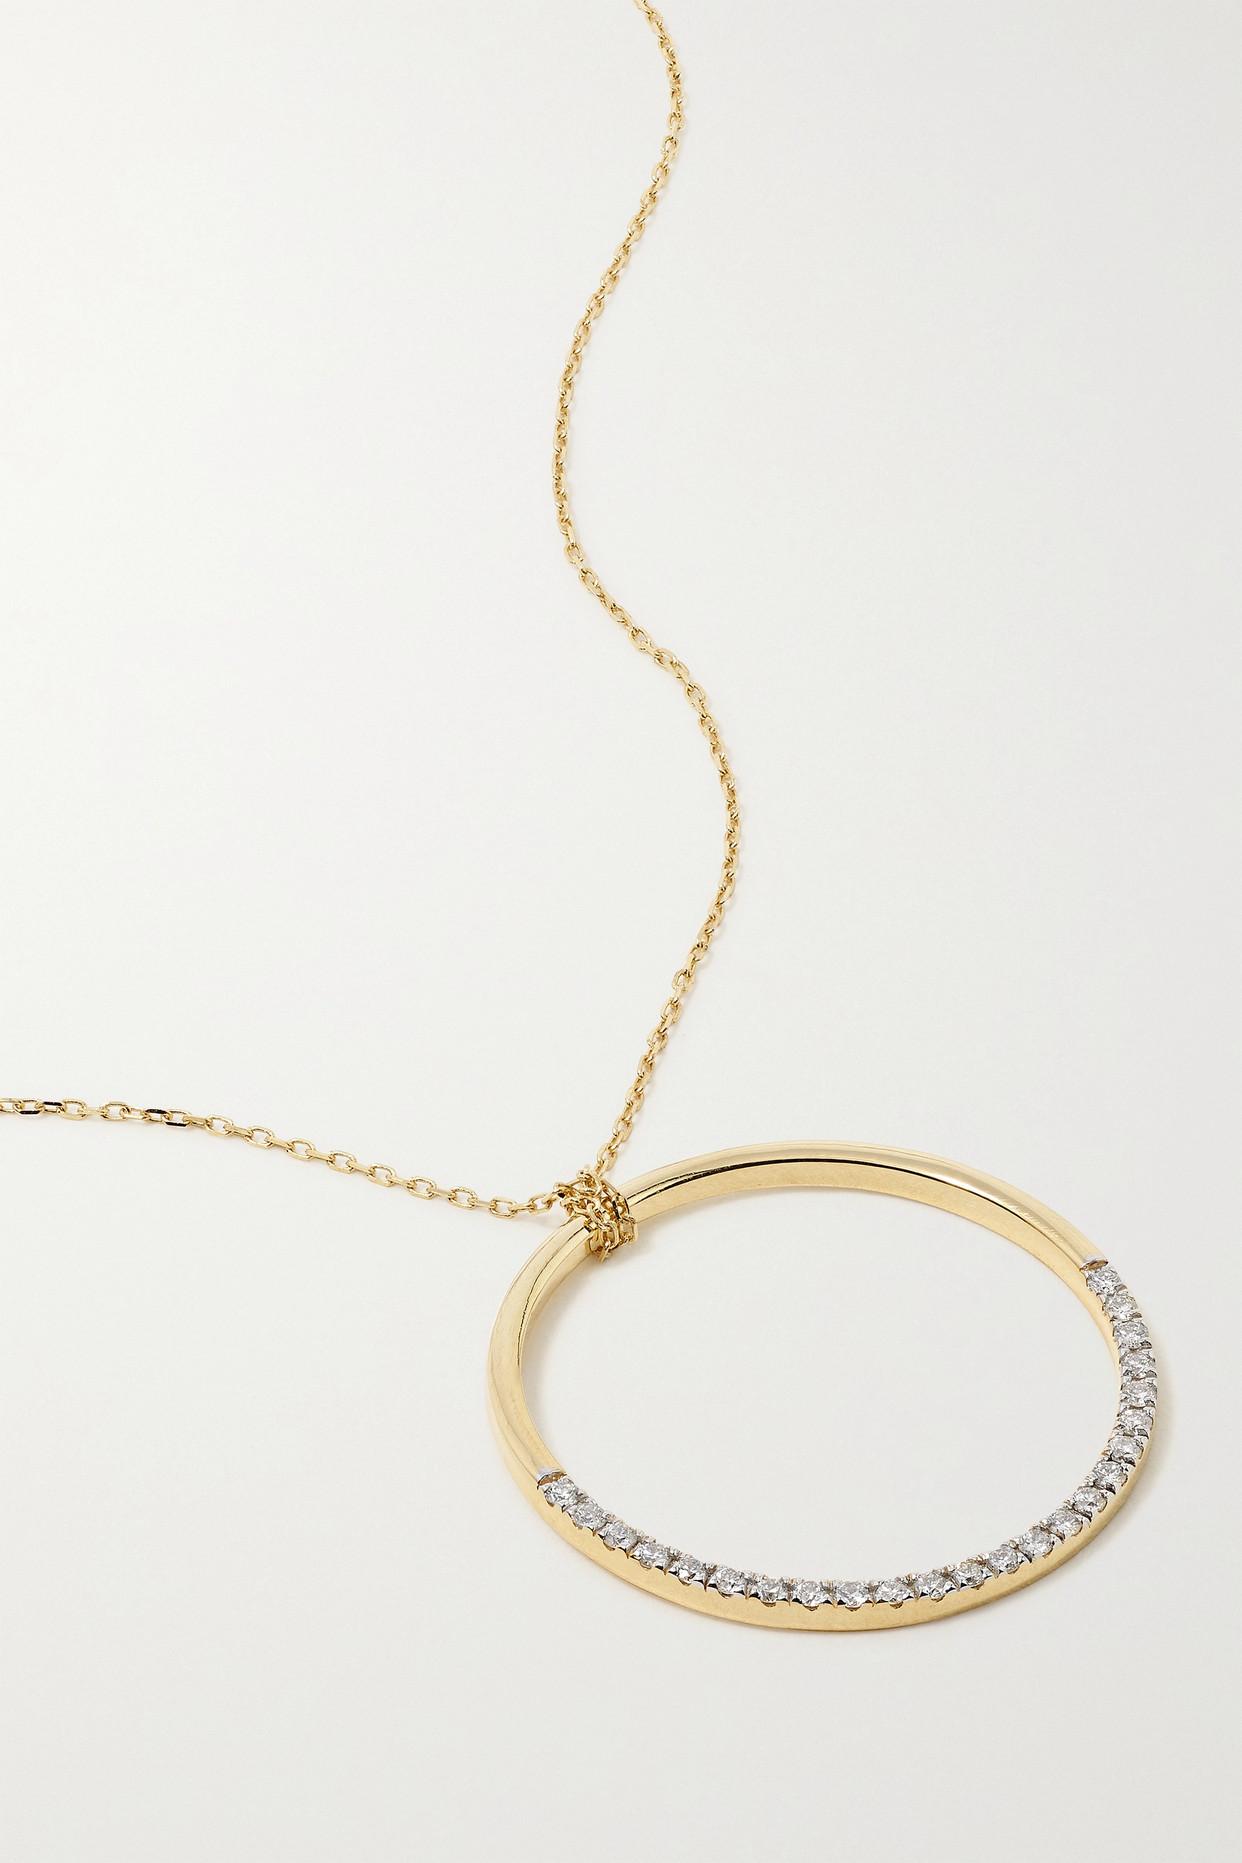 Mateo Half Moon 14-karat Gold Diamond Necklace